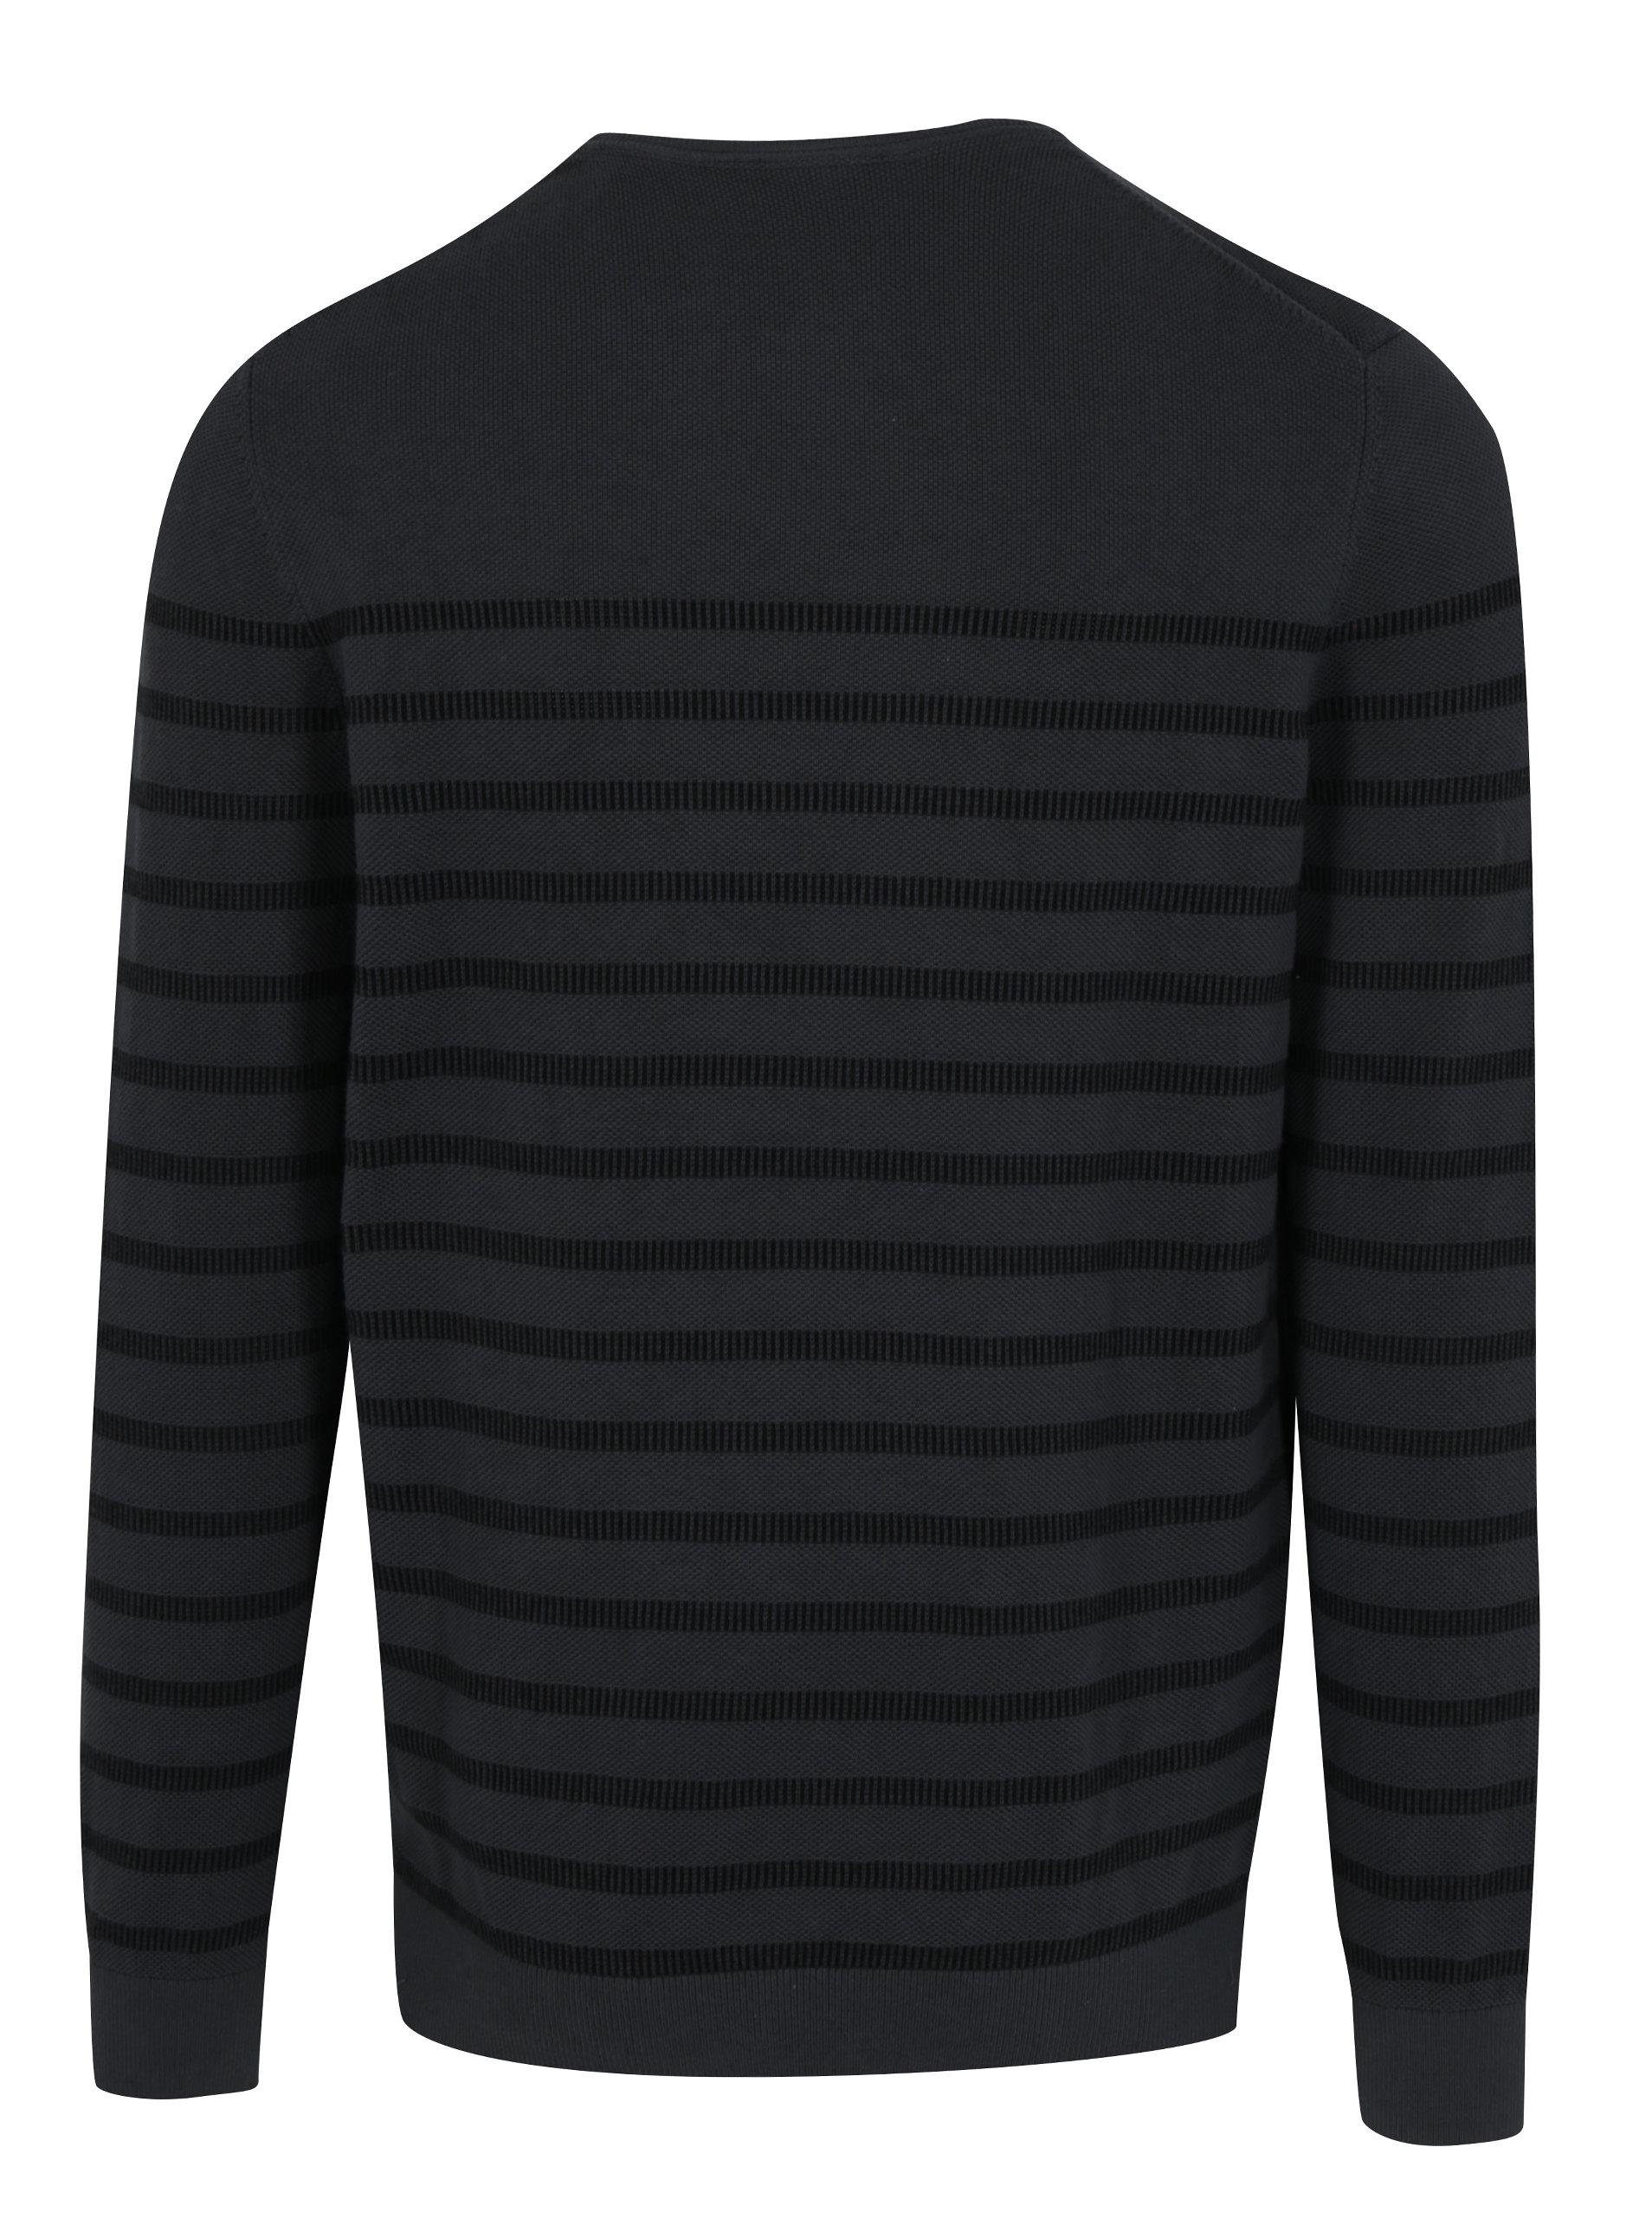 Tmavě šedý pánský pruhovaný svetr s.Oliver  74e2b7f2ff